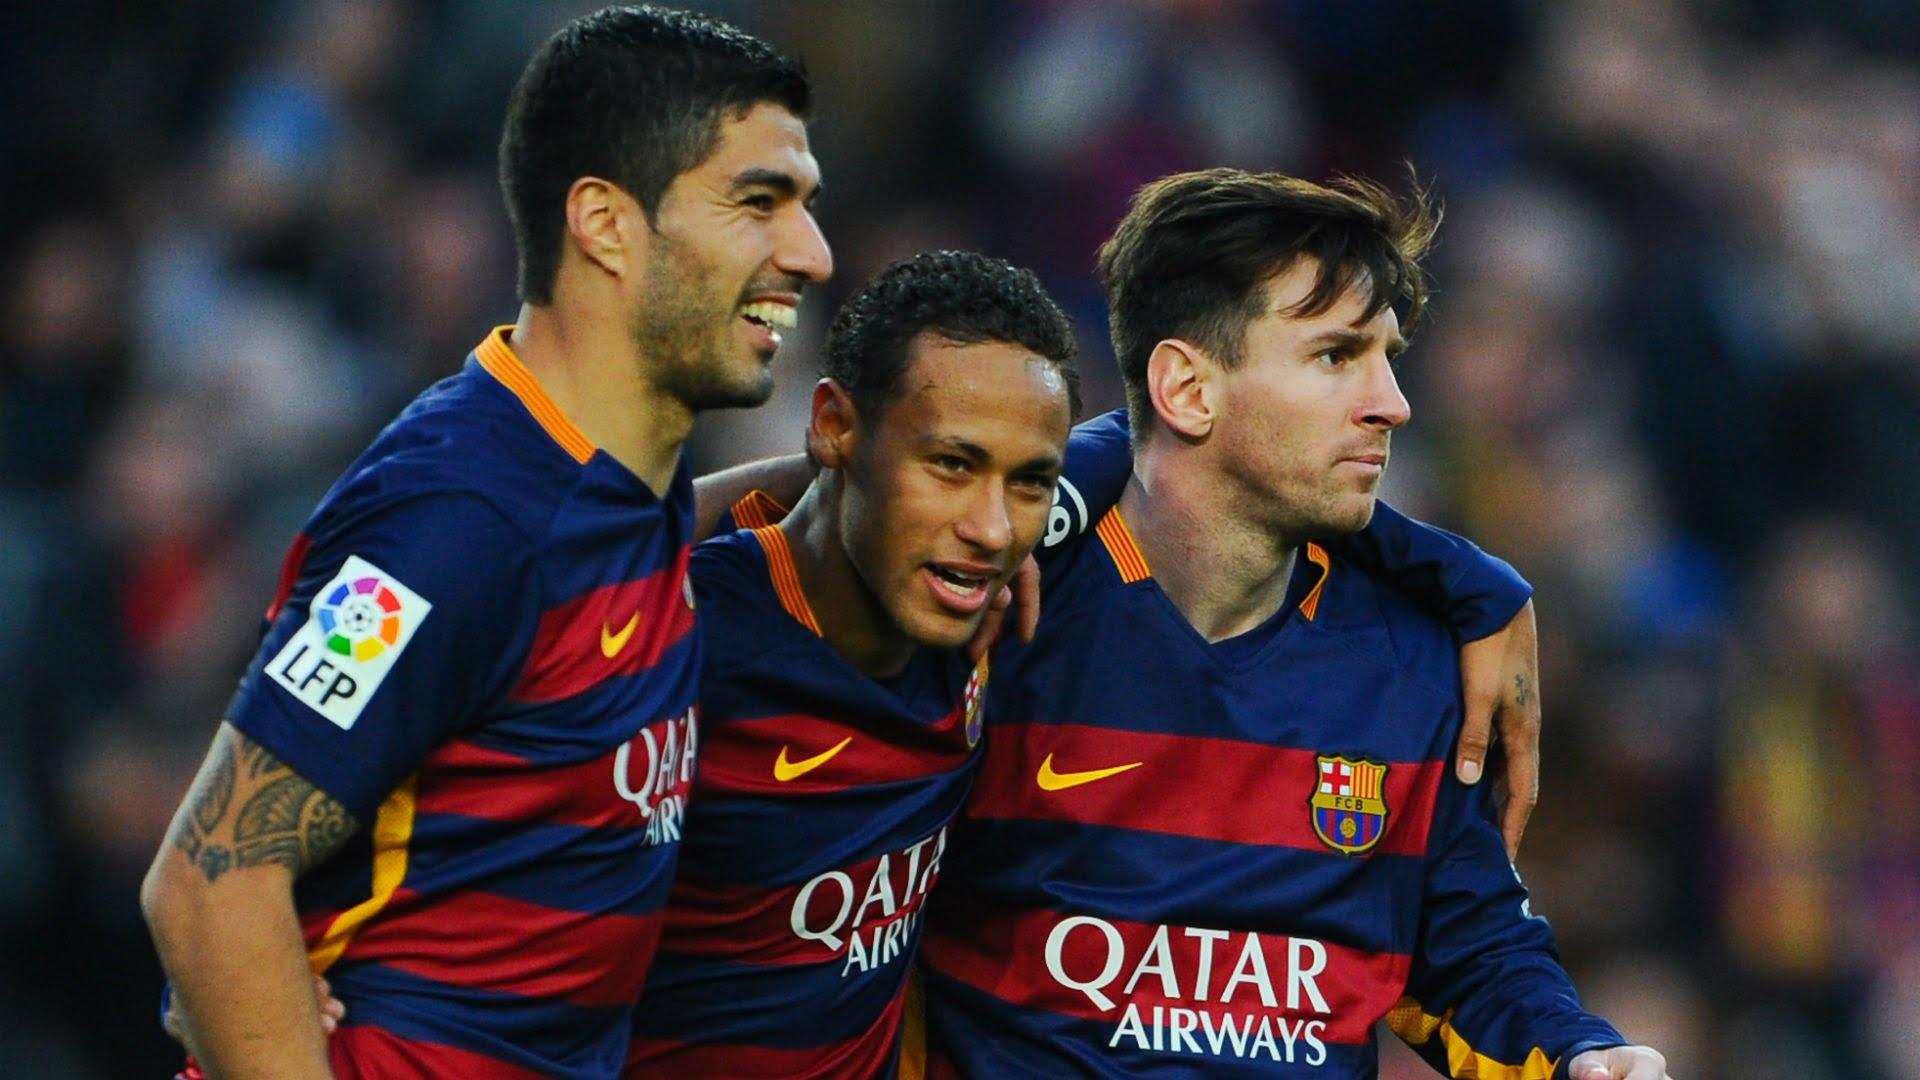 برشلونة يعقد اتفاقا مبدئيا مع نيمار مقابل 24 مليون يورو سنوياً